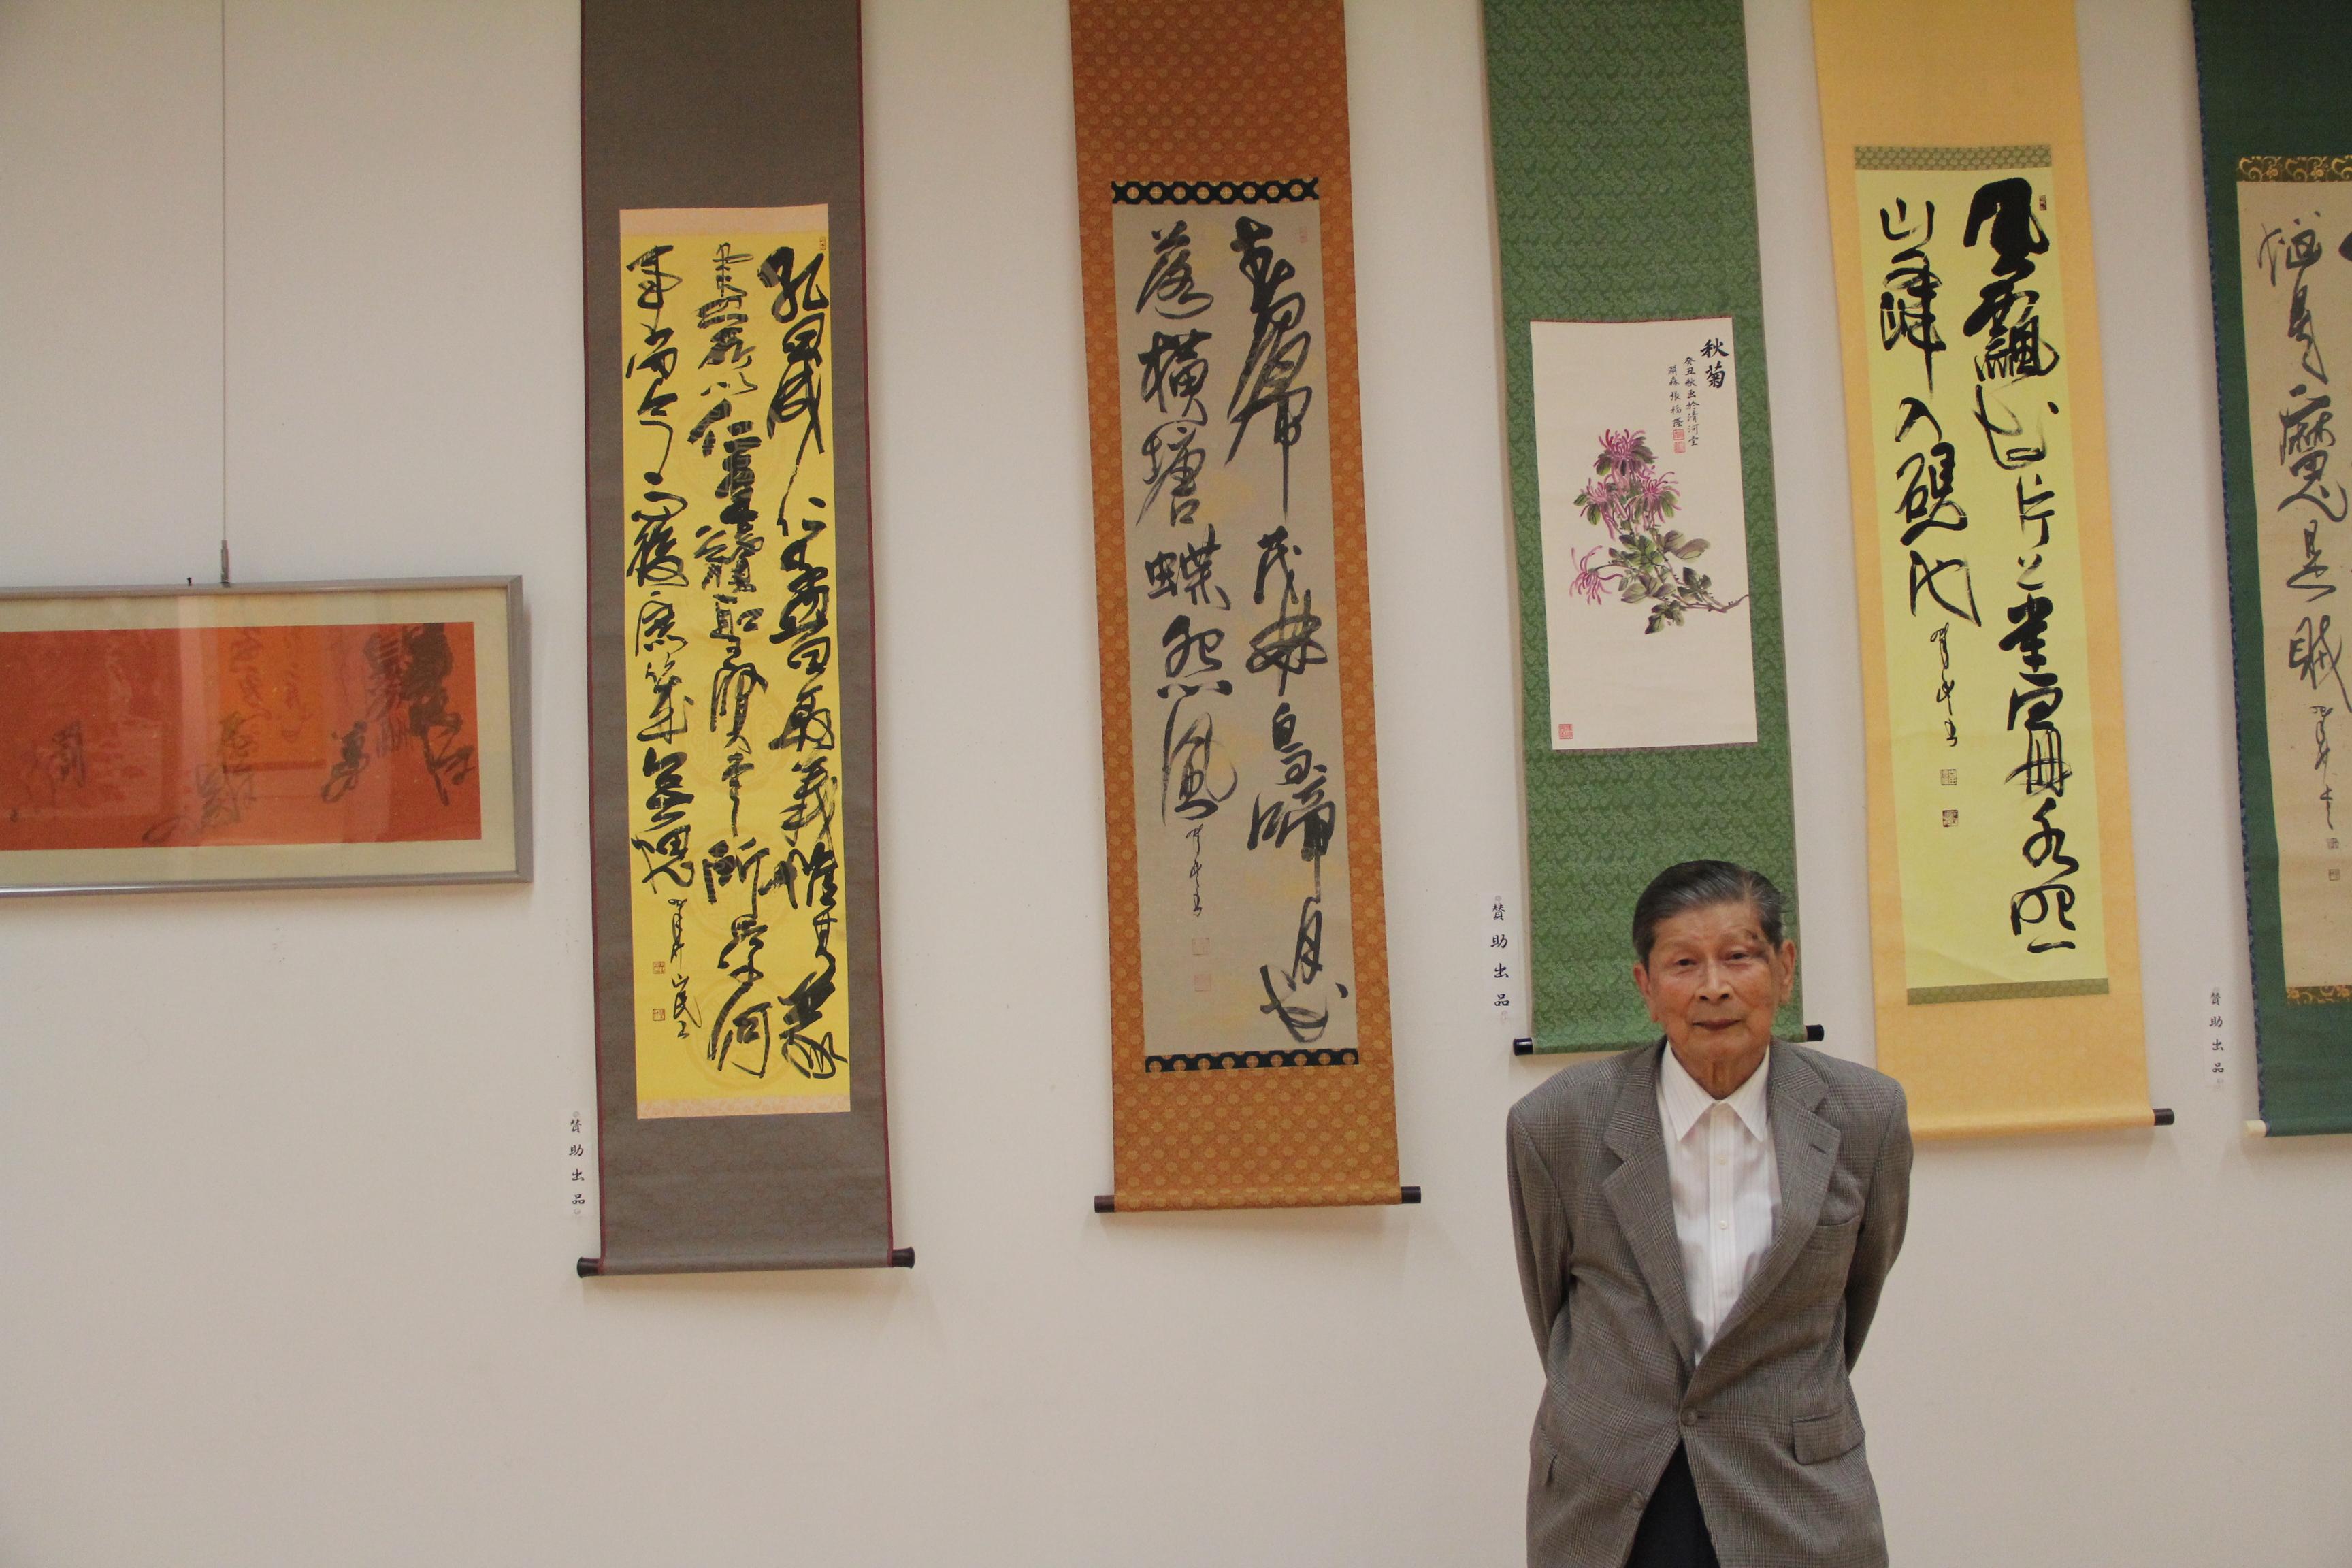 http://hacchi.jp/blog/upload/images/250805-1.JPG